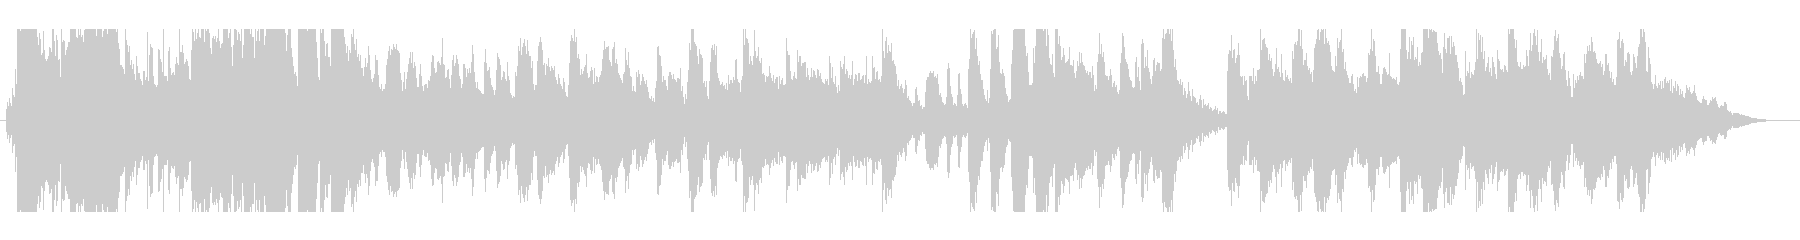 ビッグディズニータイプのオーケスト...の未再生の波形